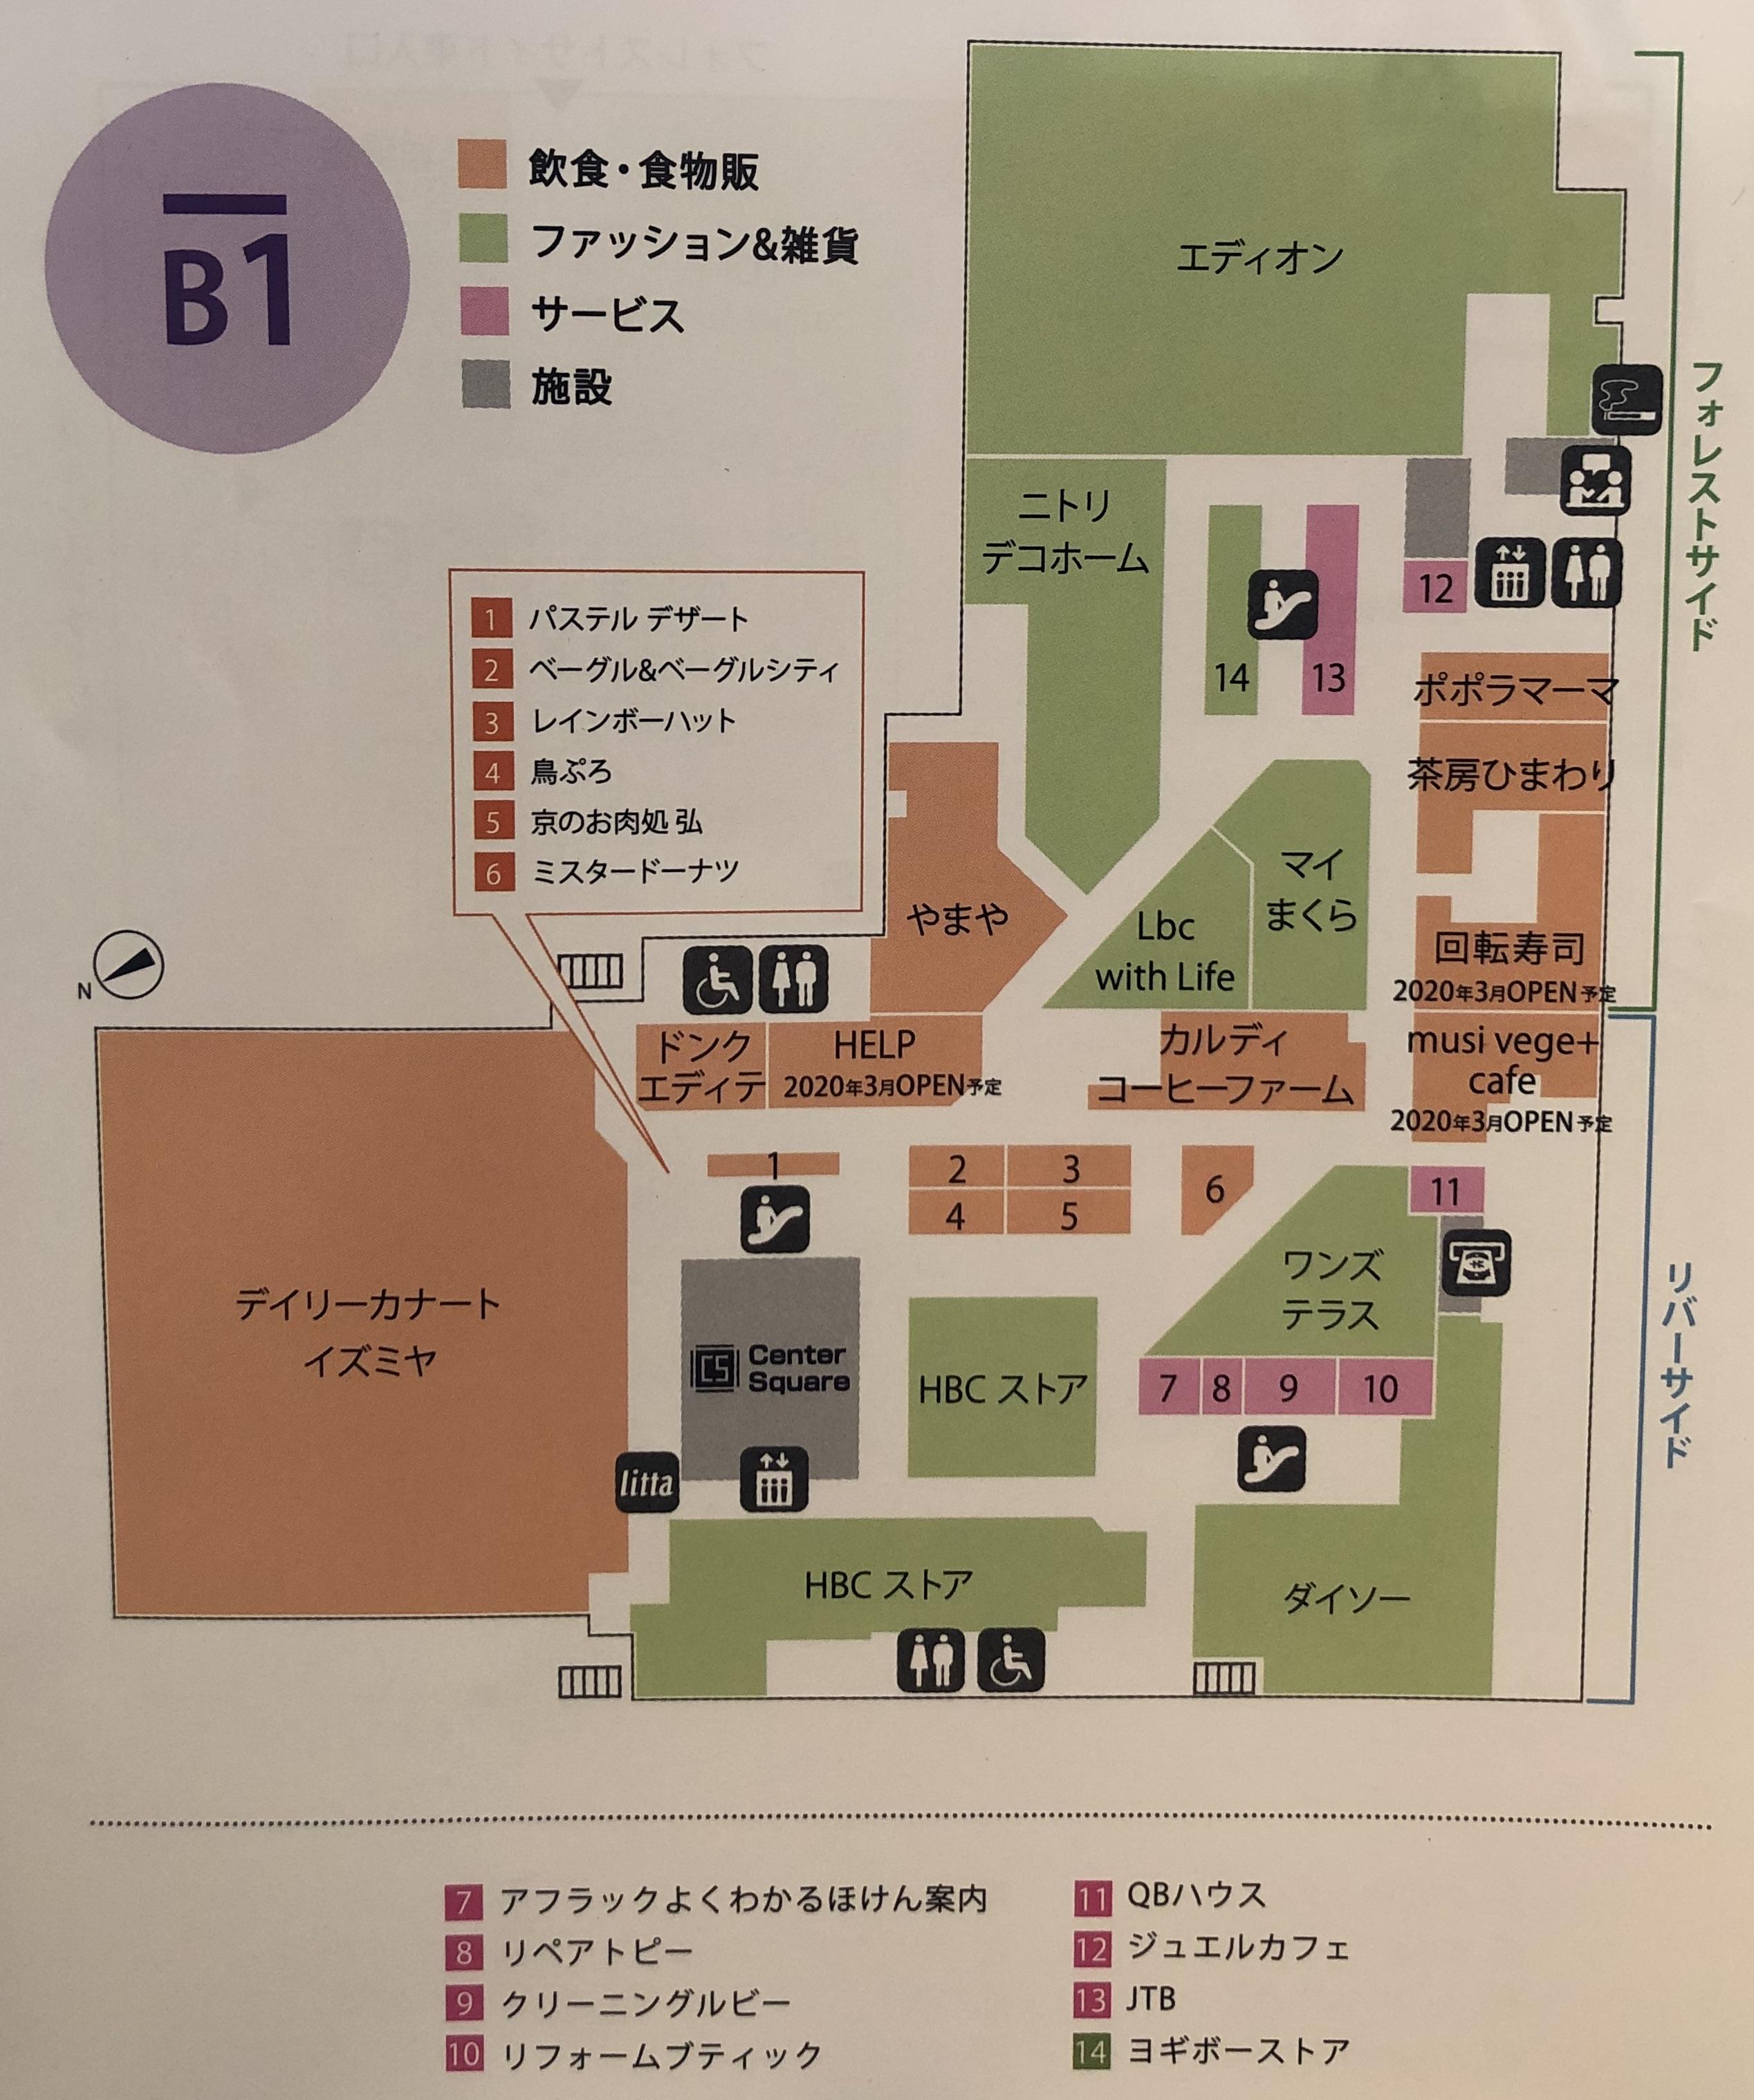 カナート洛北(洛北阪急スクエア)地下1階の店舗一覧と店内写真